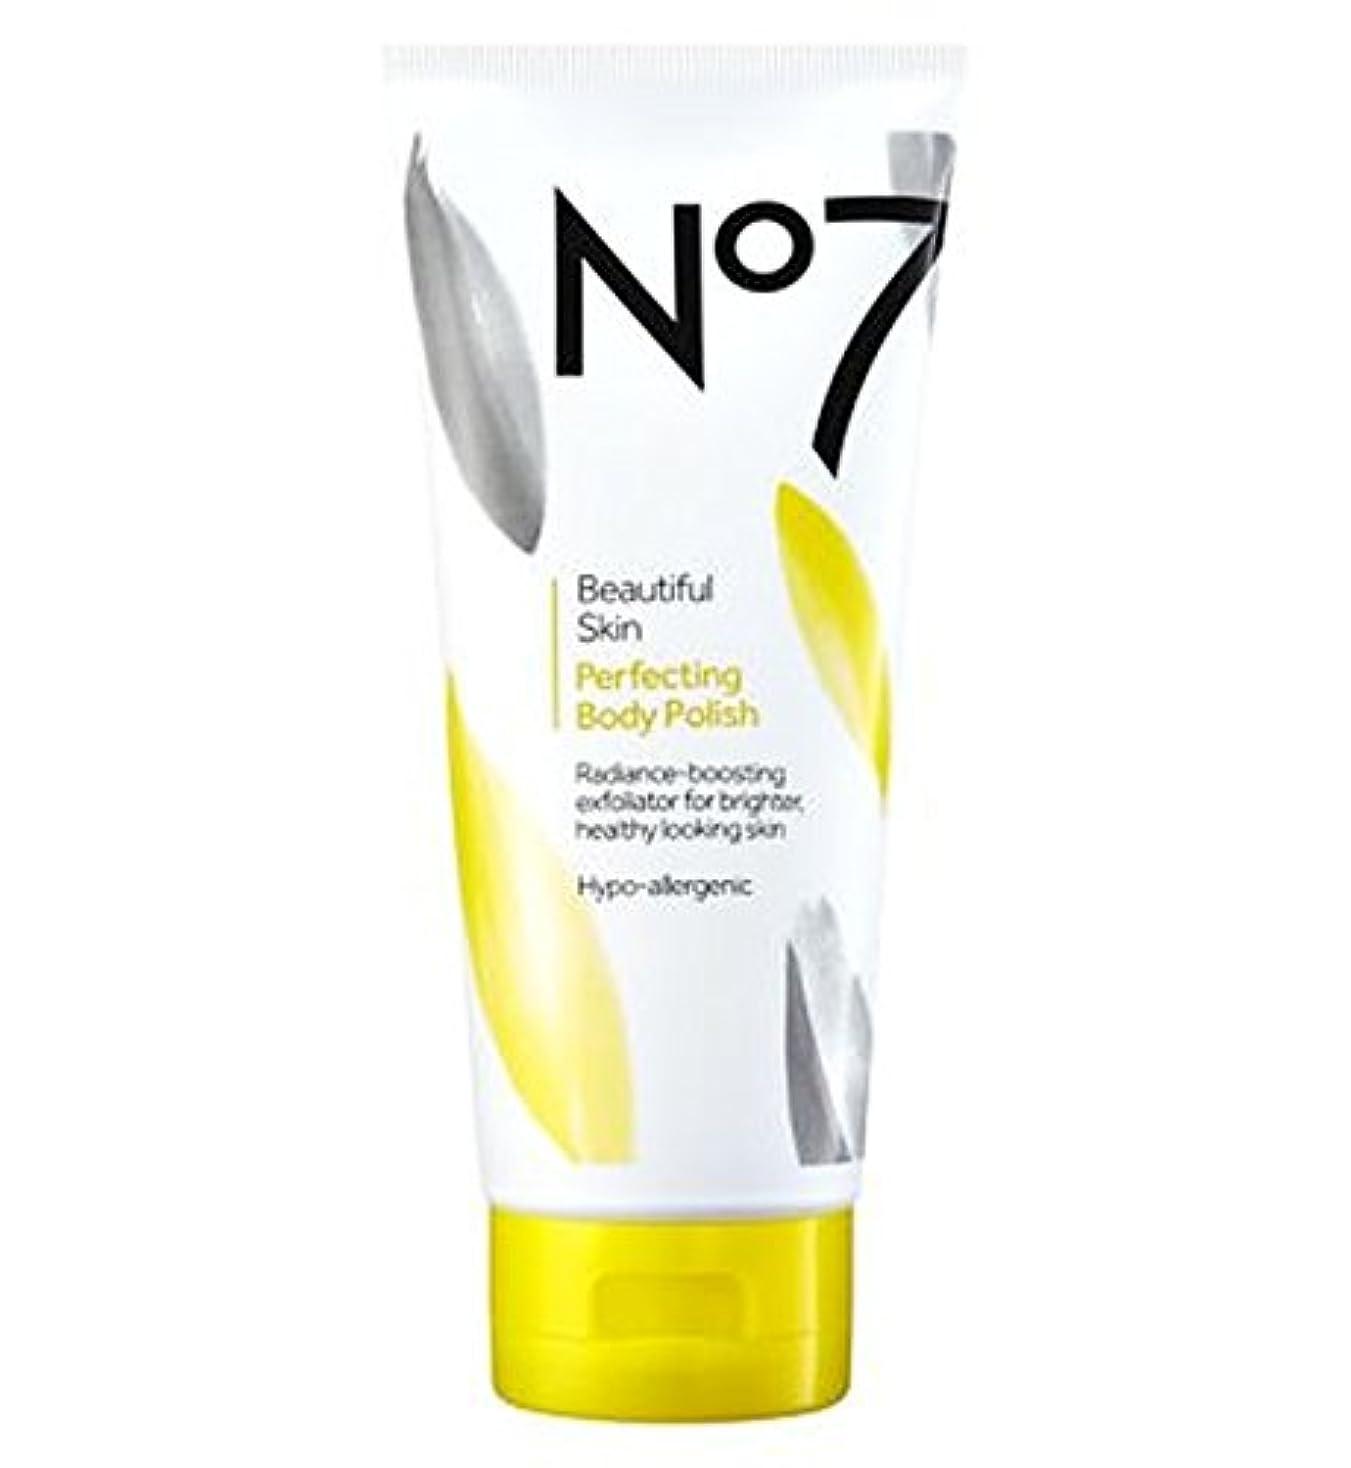 インポート受取人好奇心No7 Beautiful Skin Perfecting Body Polish - ボディポリッシュを完成No7美肌 (No7) [並行輸入品]